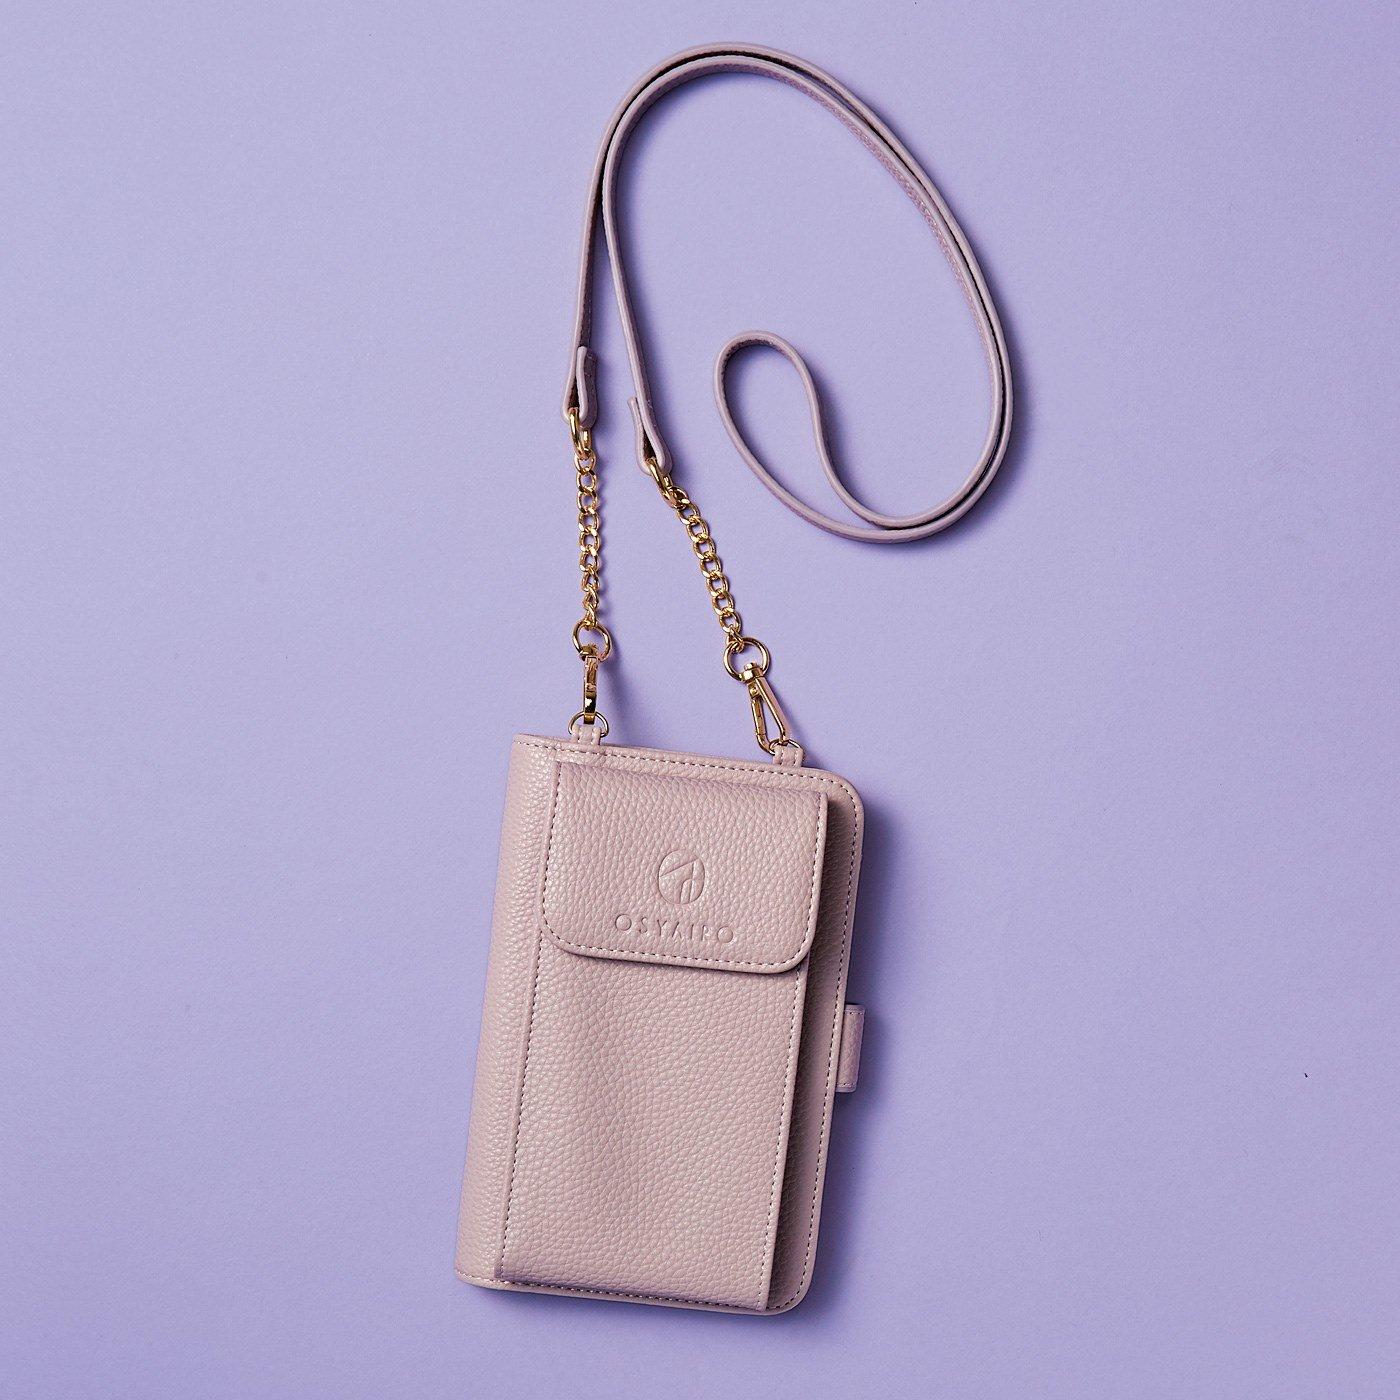 OSYAIRO フォトポケットが付いた スマホ&おさいふポーチ〈パープル〉